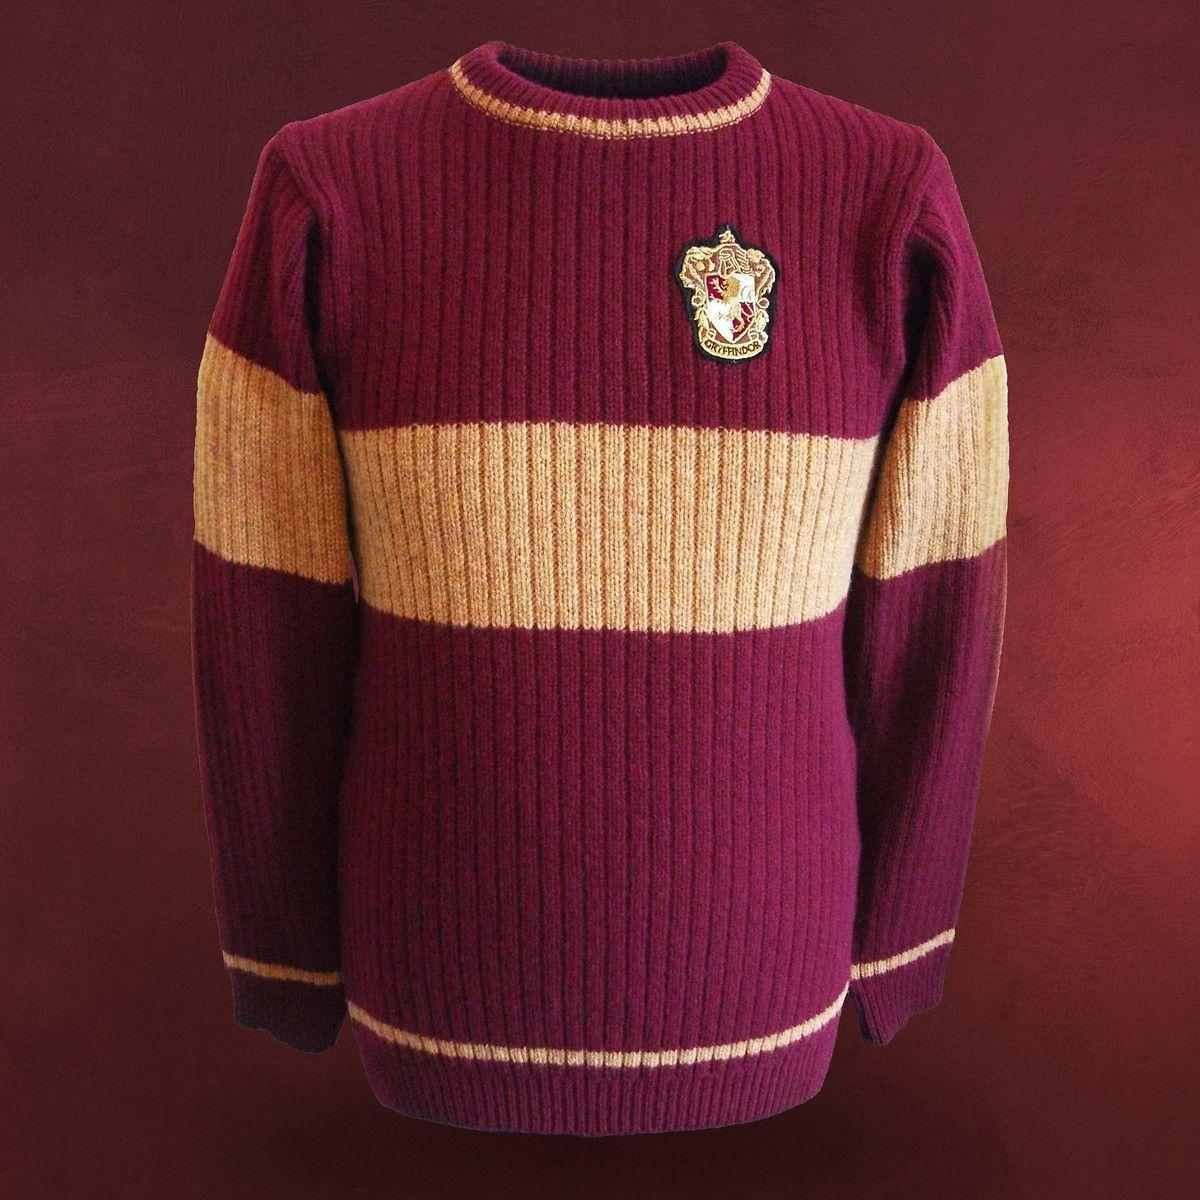 Harry Potter Quidditch Gryffindor Sweater Harry Potter Kleidung Nerdoutfits Kleidung